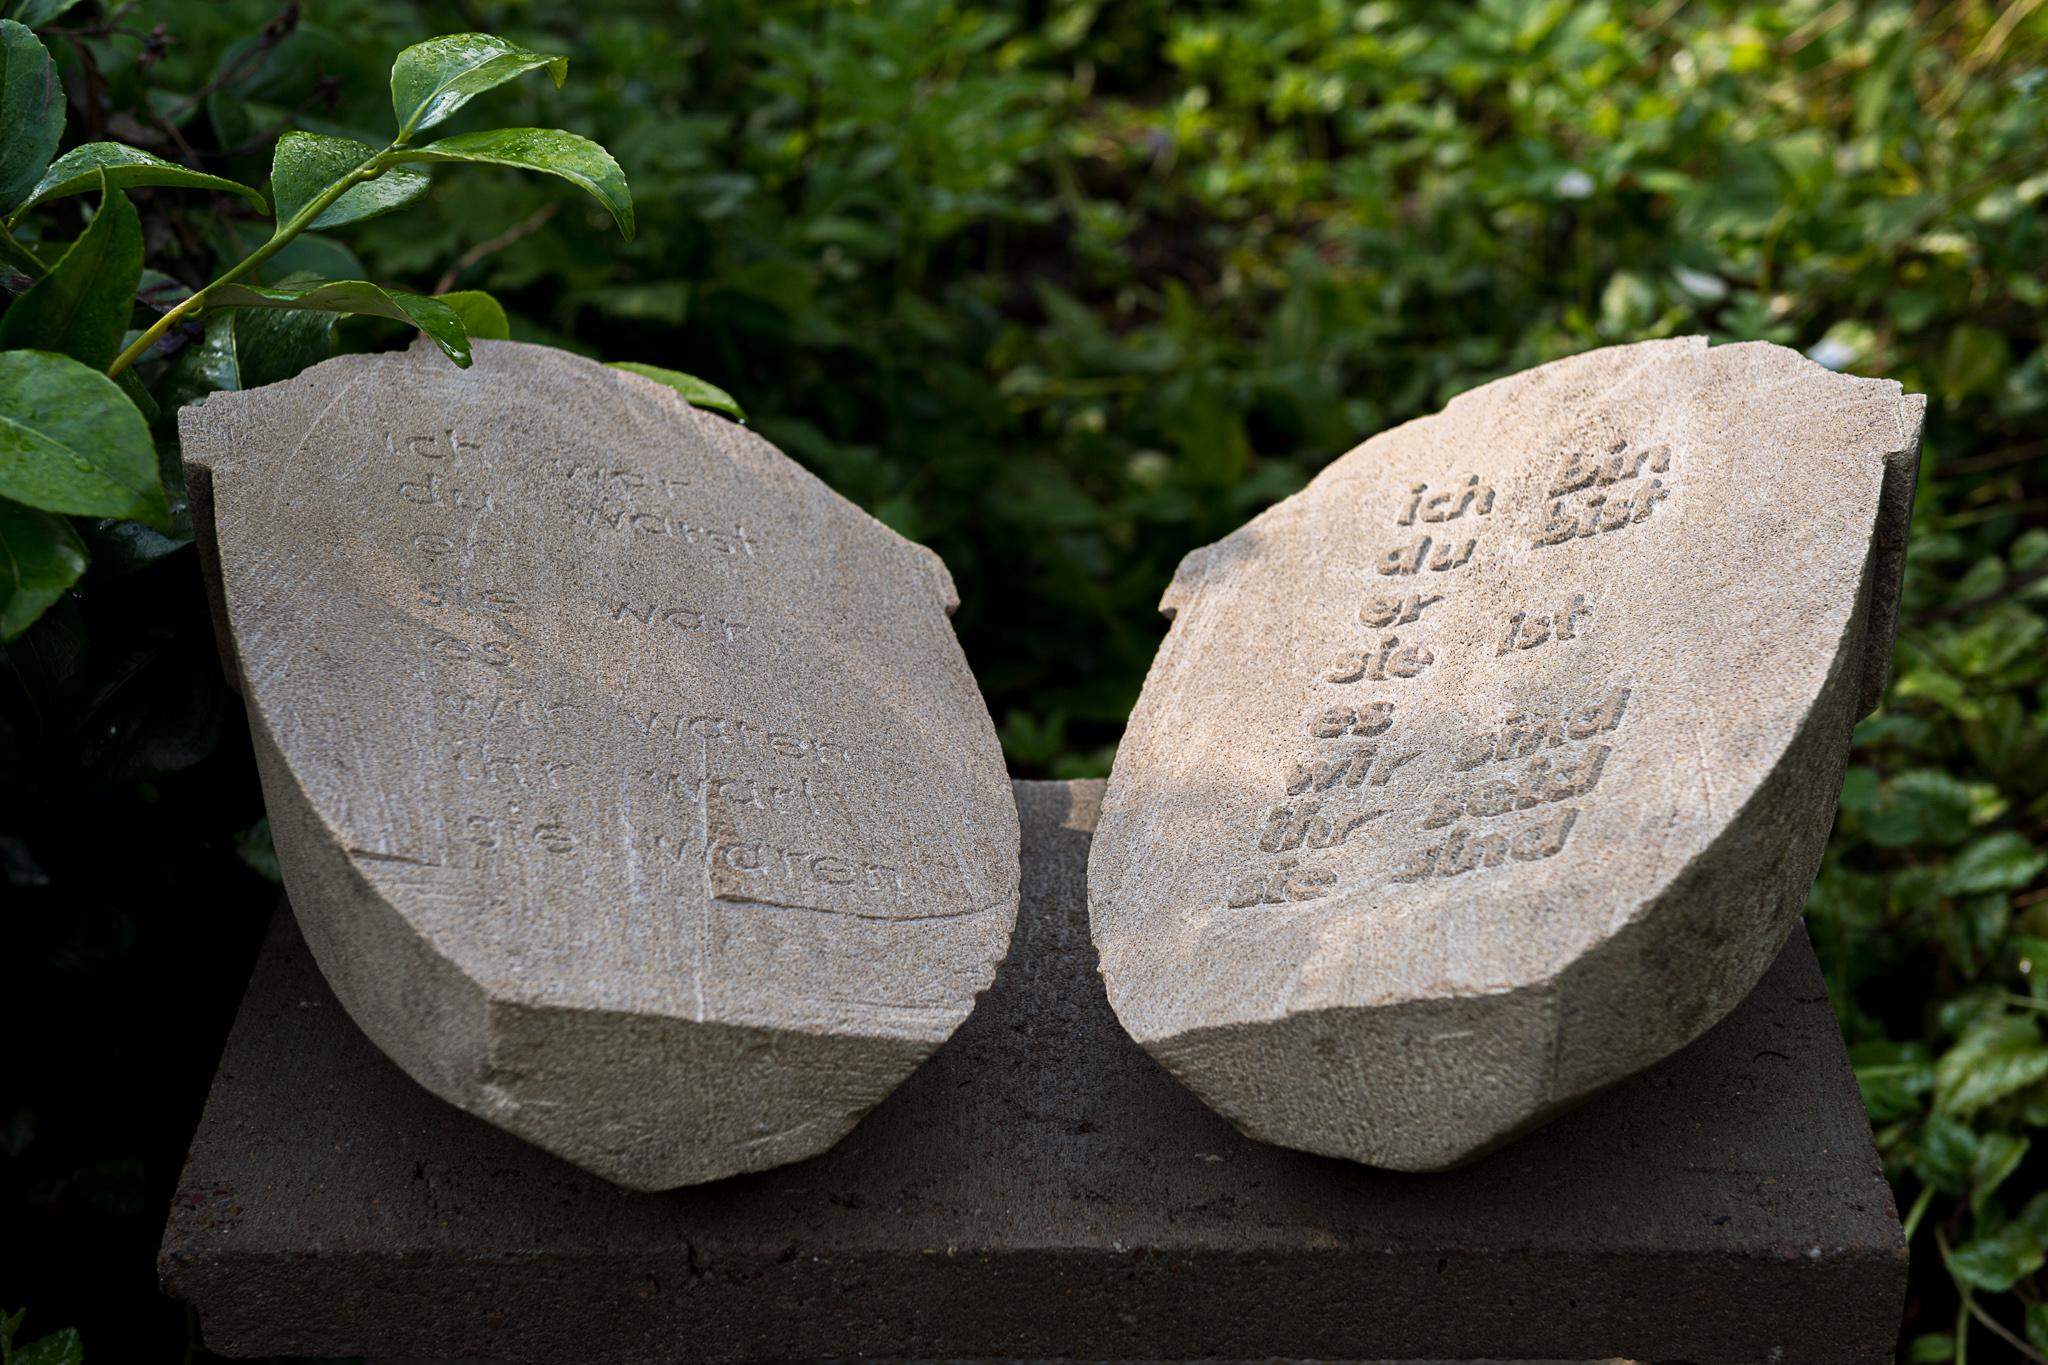 Urnenobjekt von Katja Stelljes